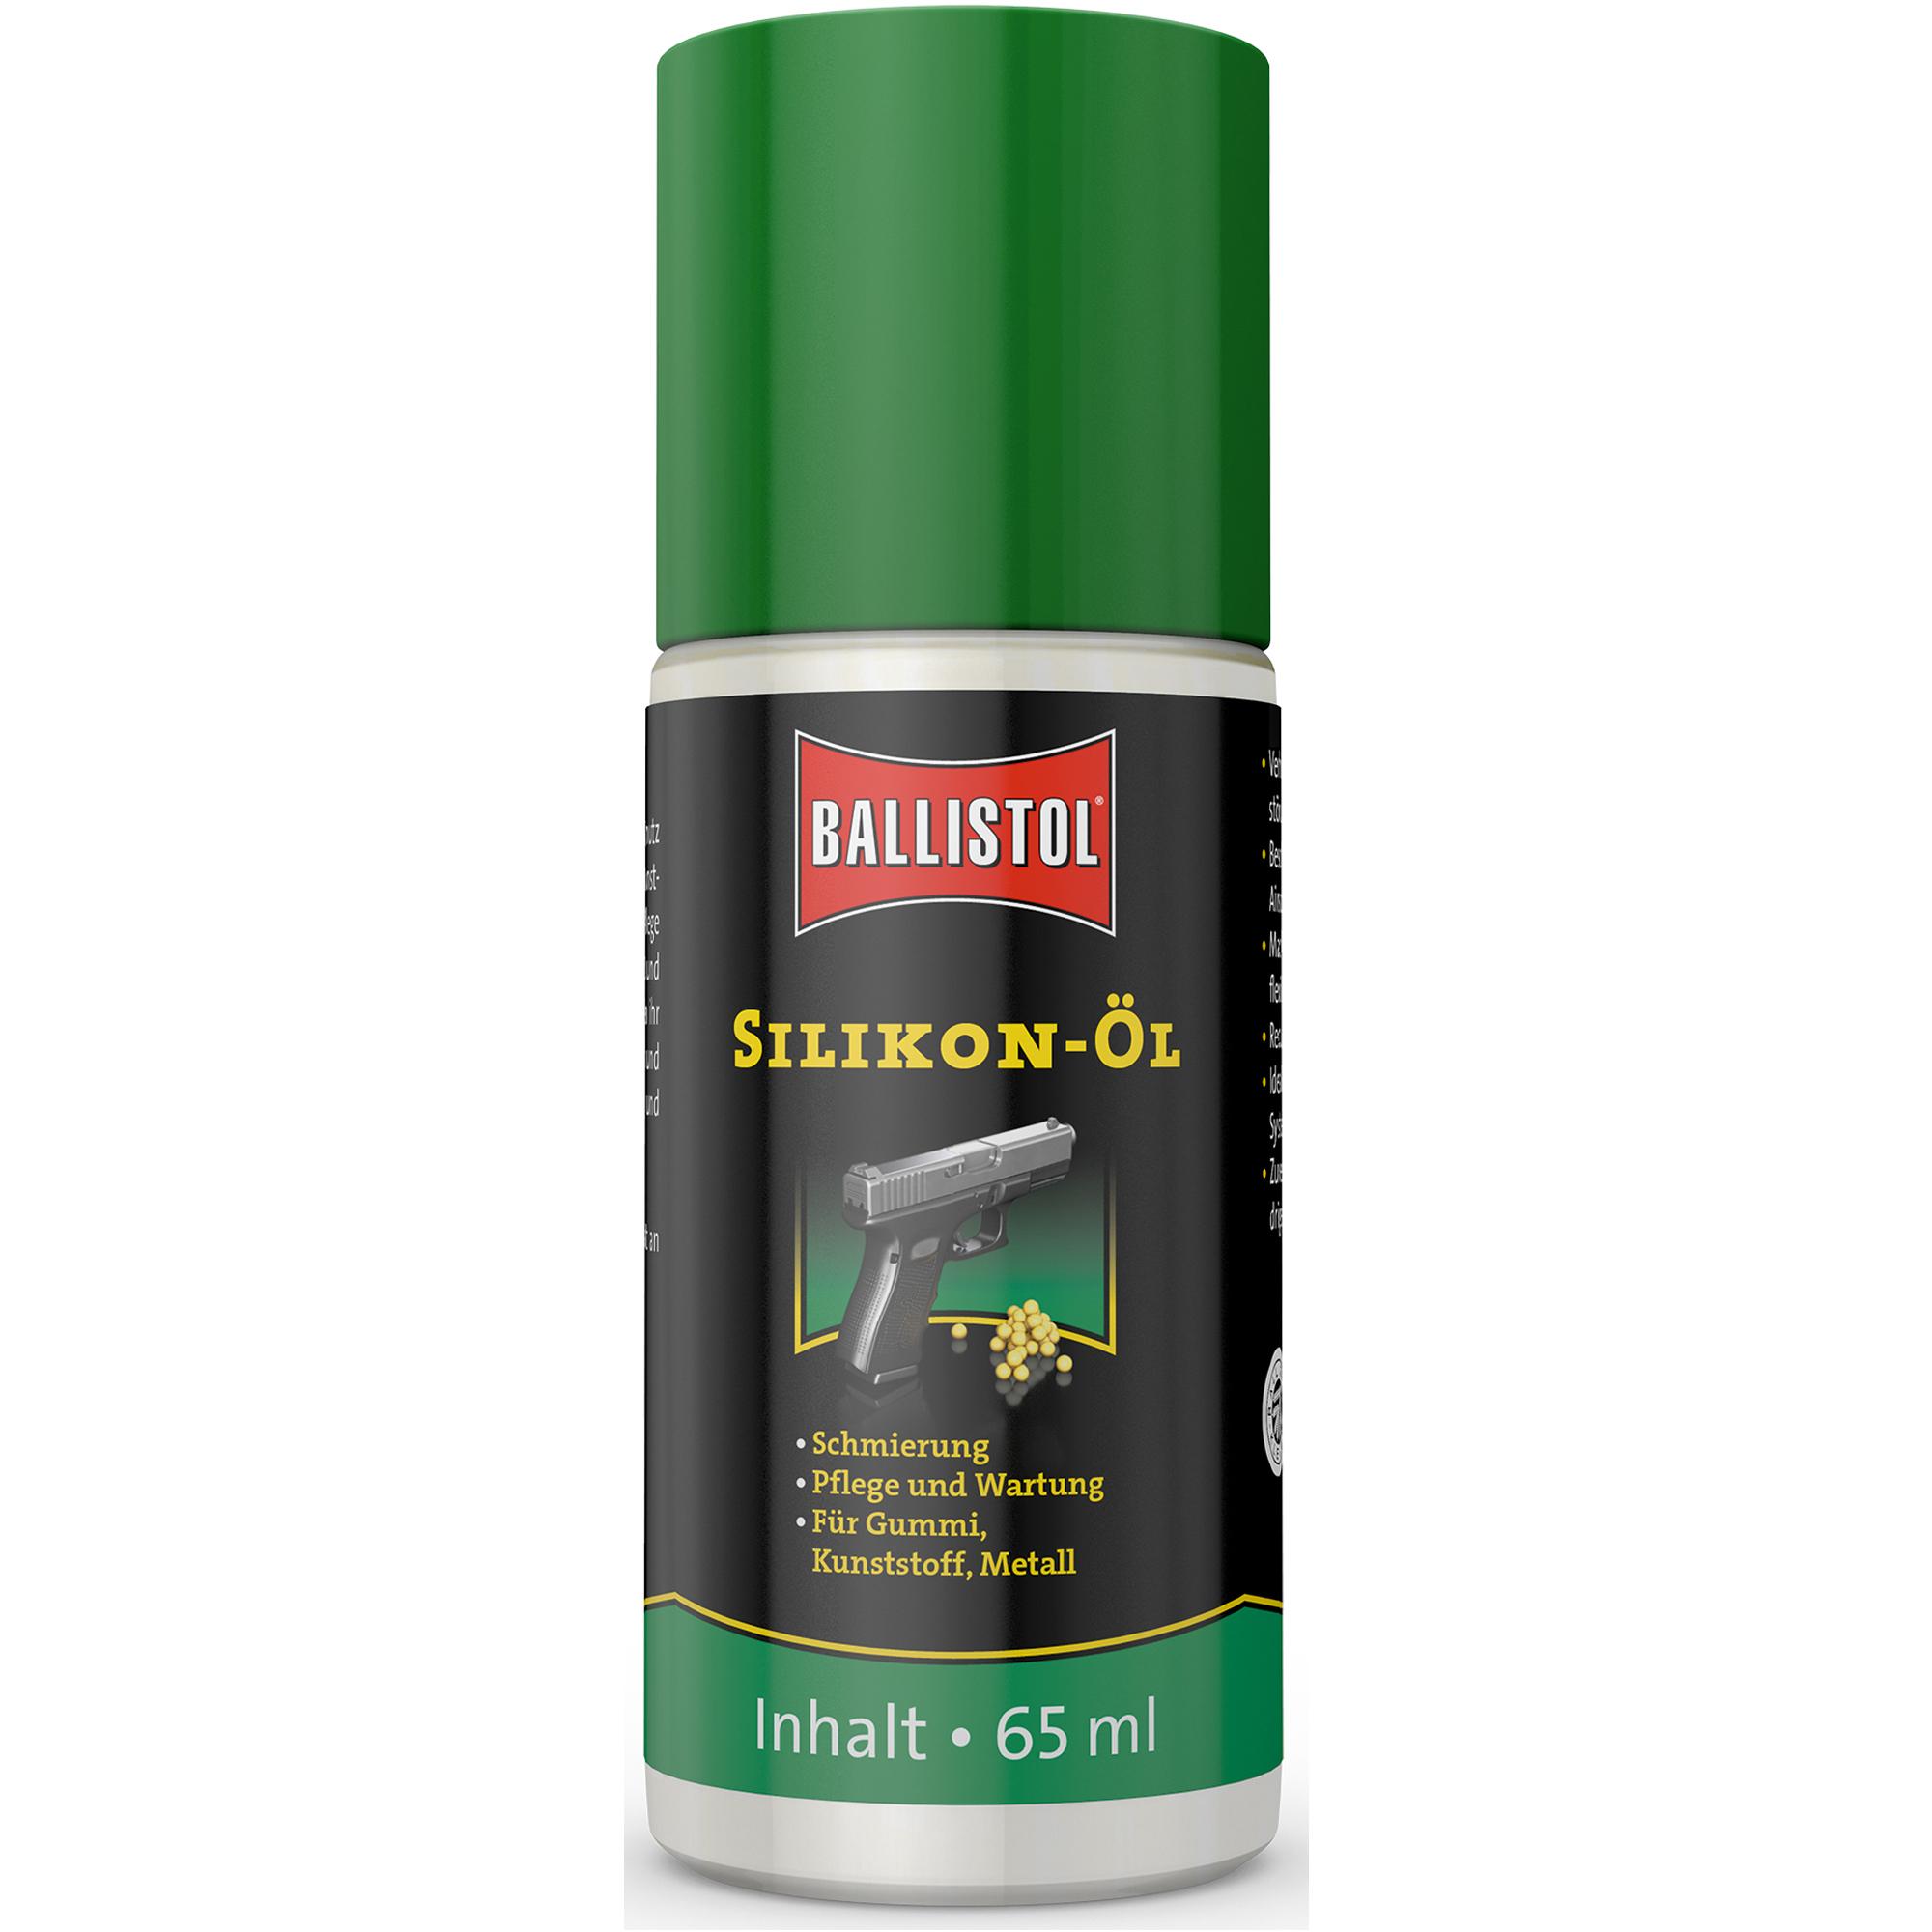 Ballistol Silikon-Öl 65 ml